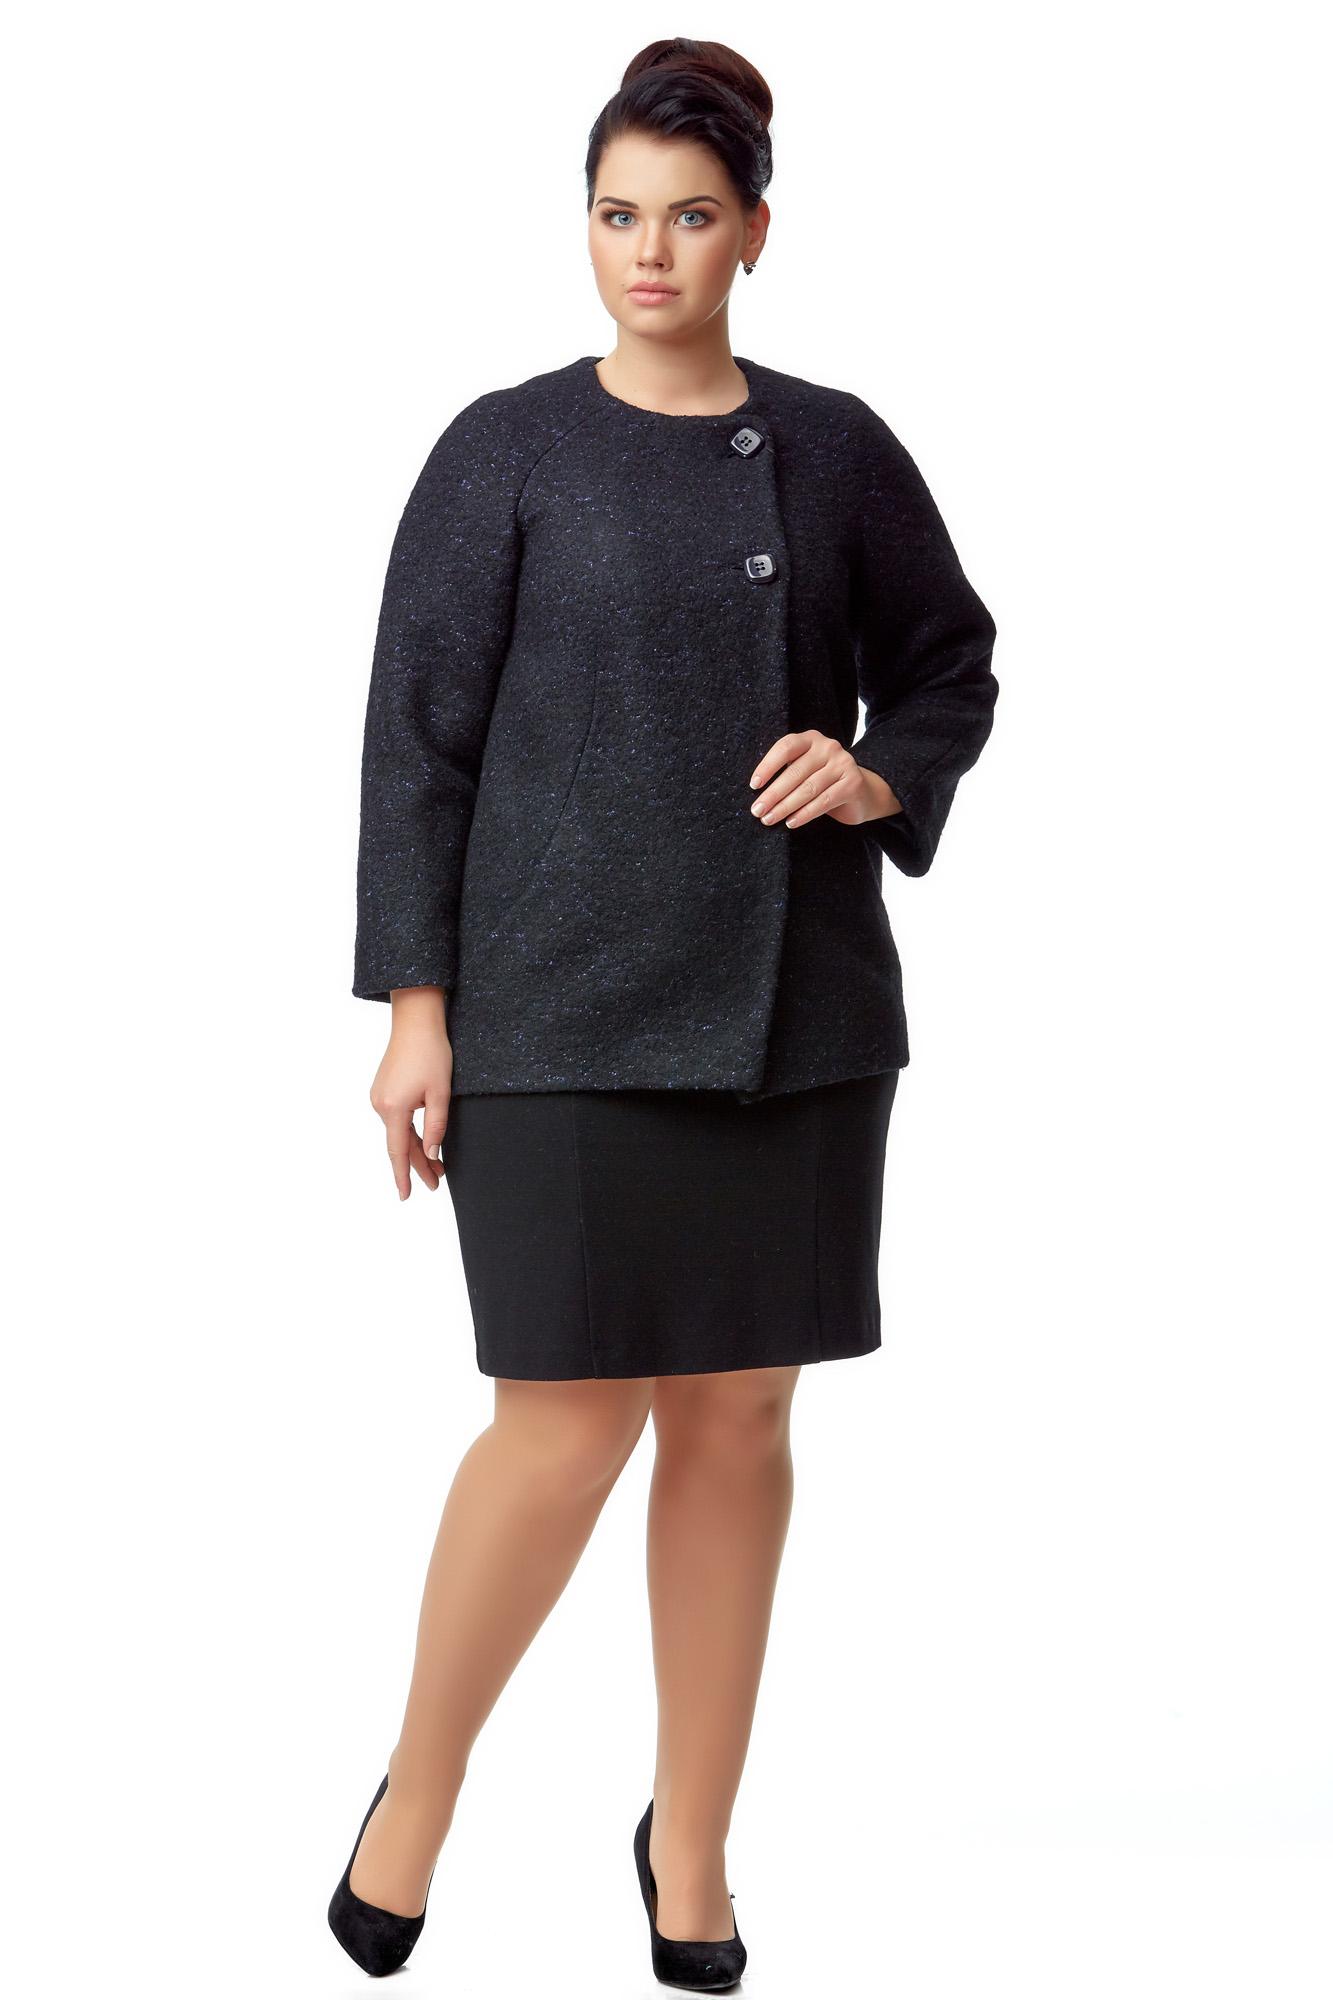 Женское пальто из текстиля без воротника МОСМЕХА